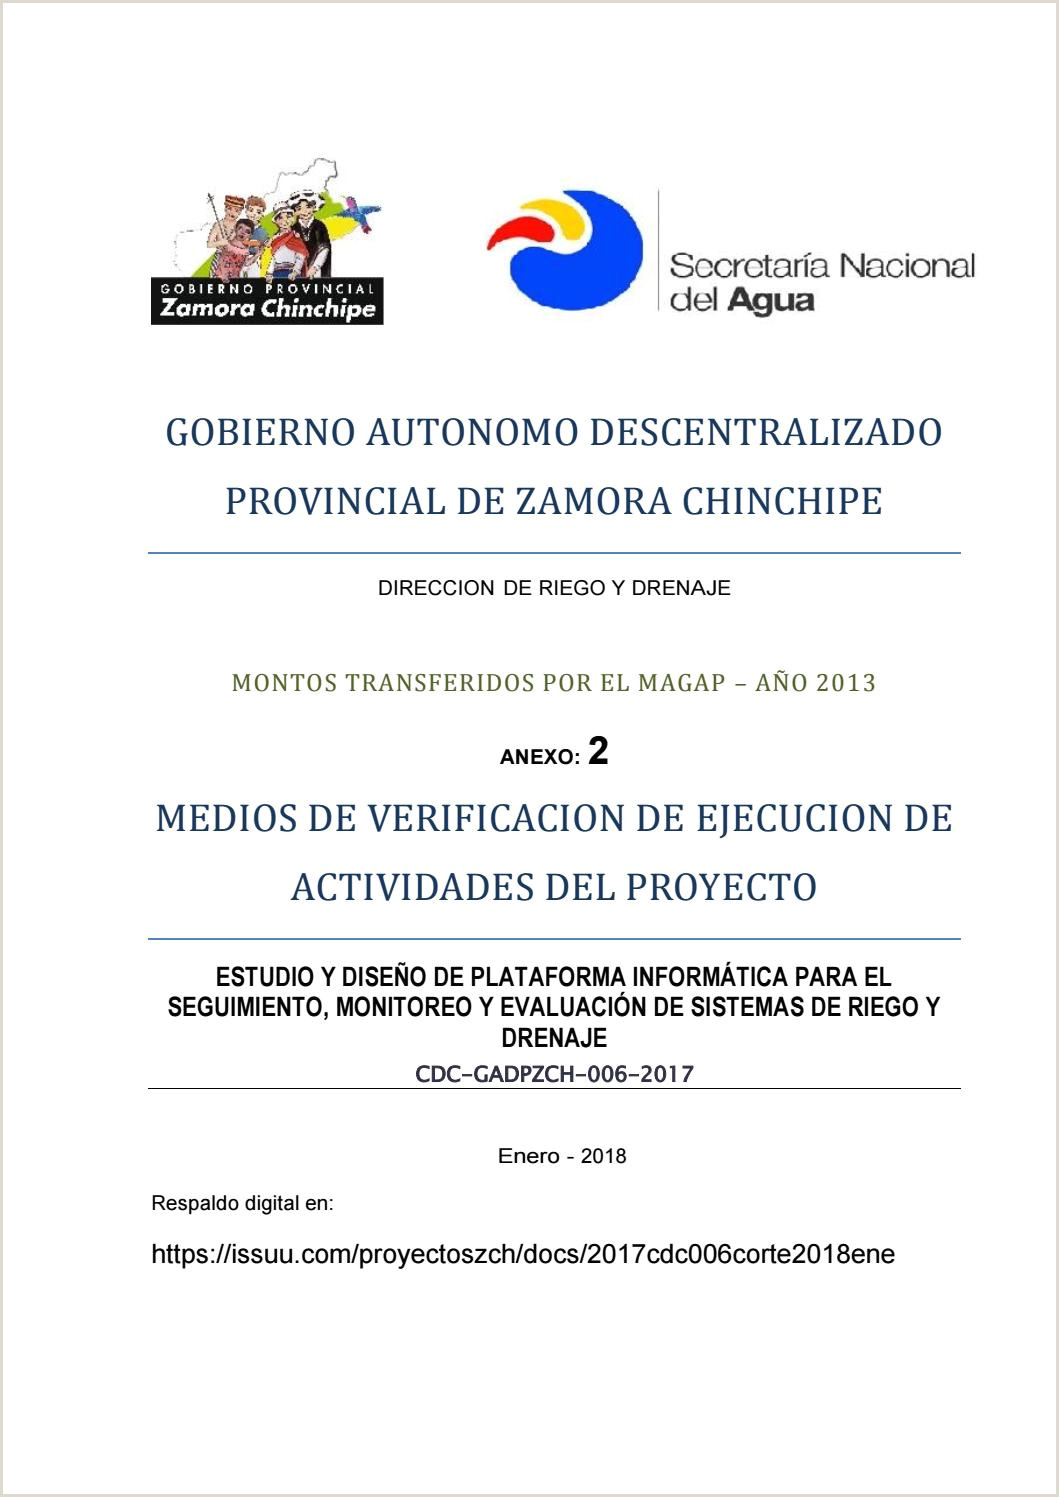 Cdc gadpzch 005 2017 by UNIDAD DE PROYECTOS GPZCH issuu